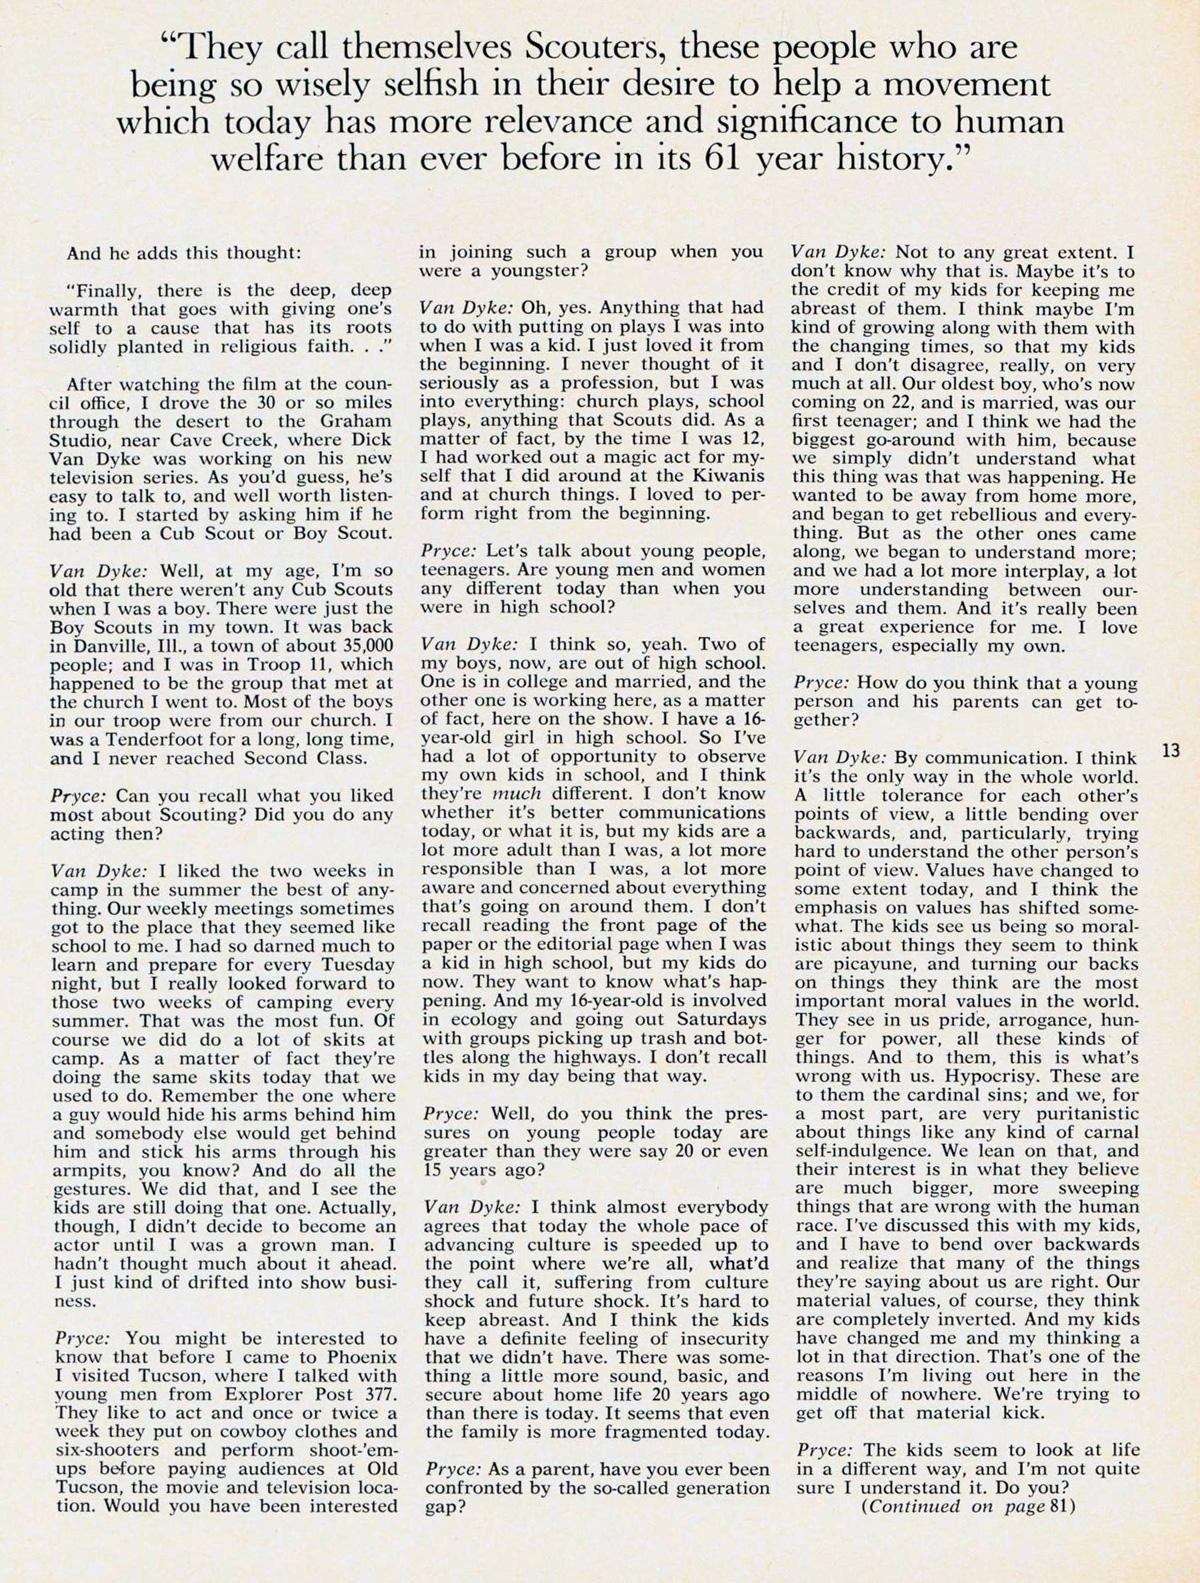 Dick Van Dyke Scouting September 1971 – 2